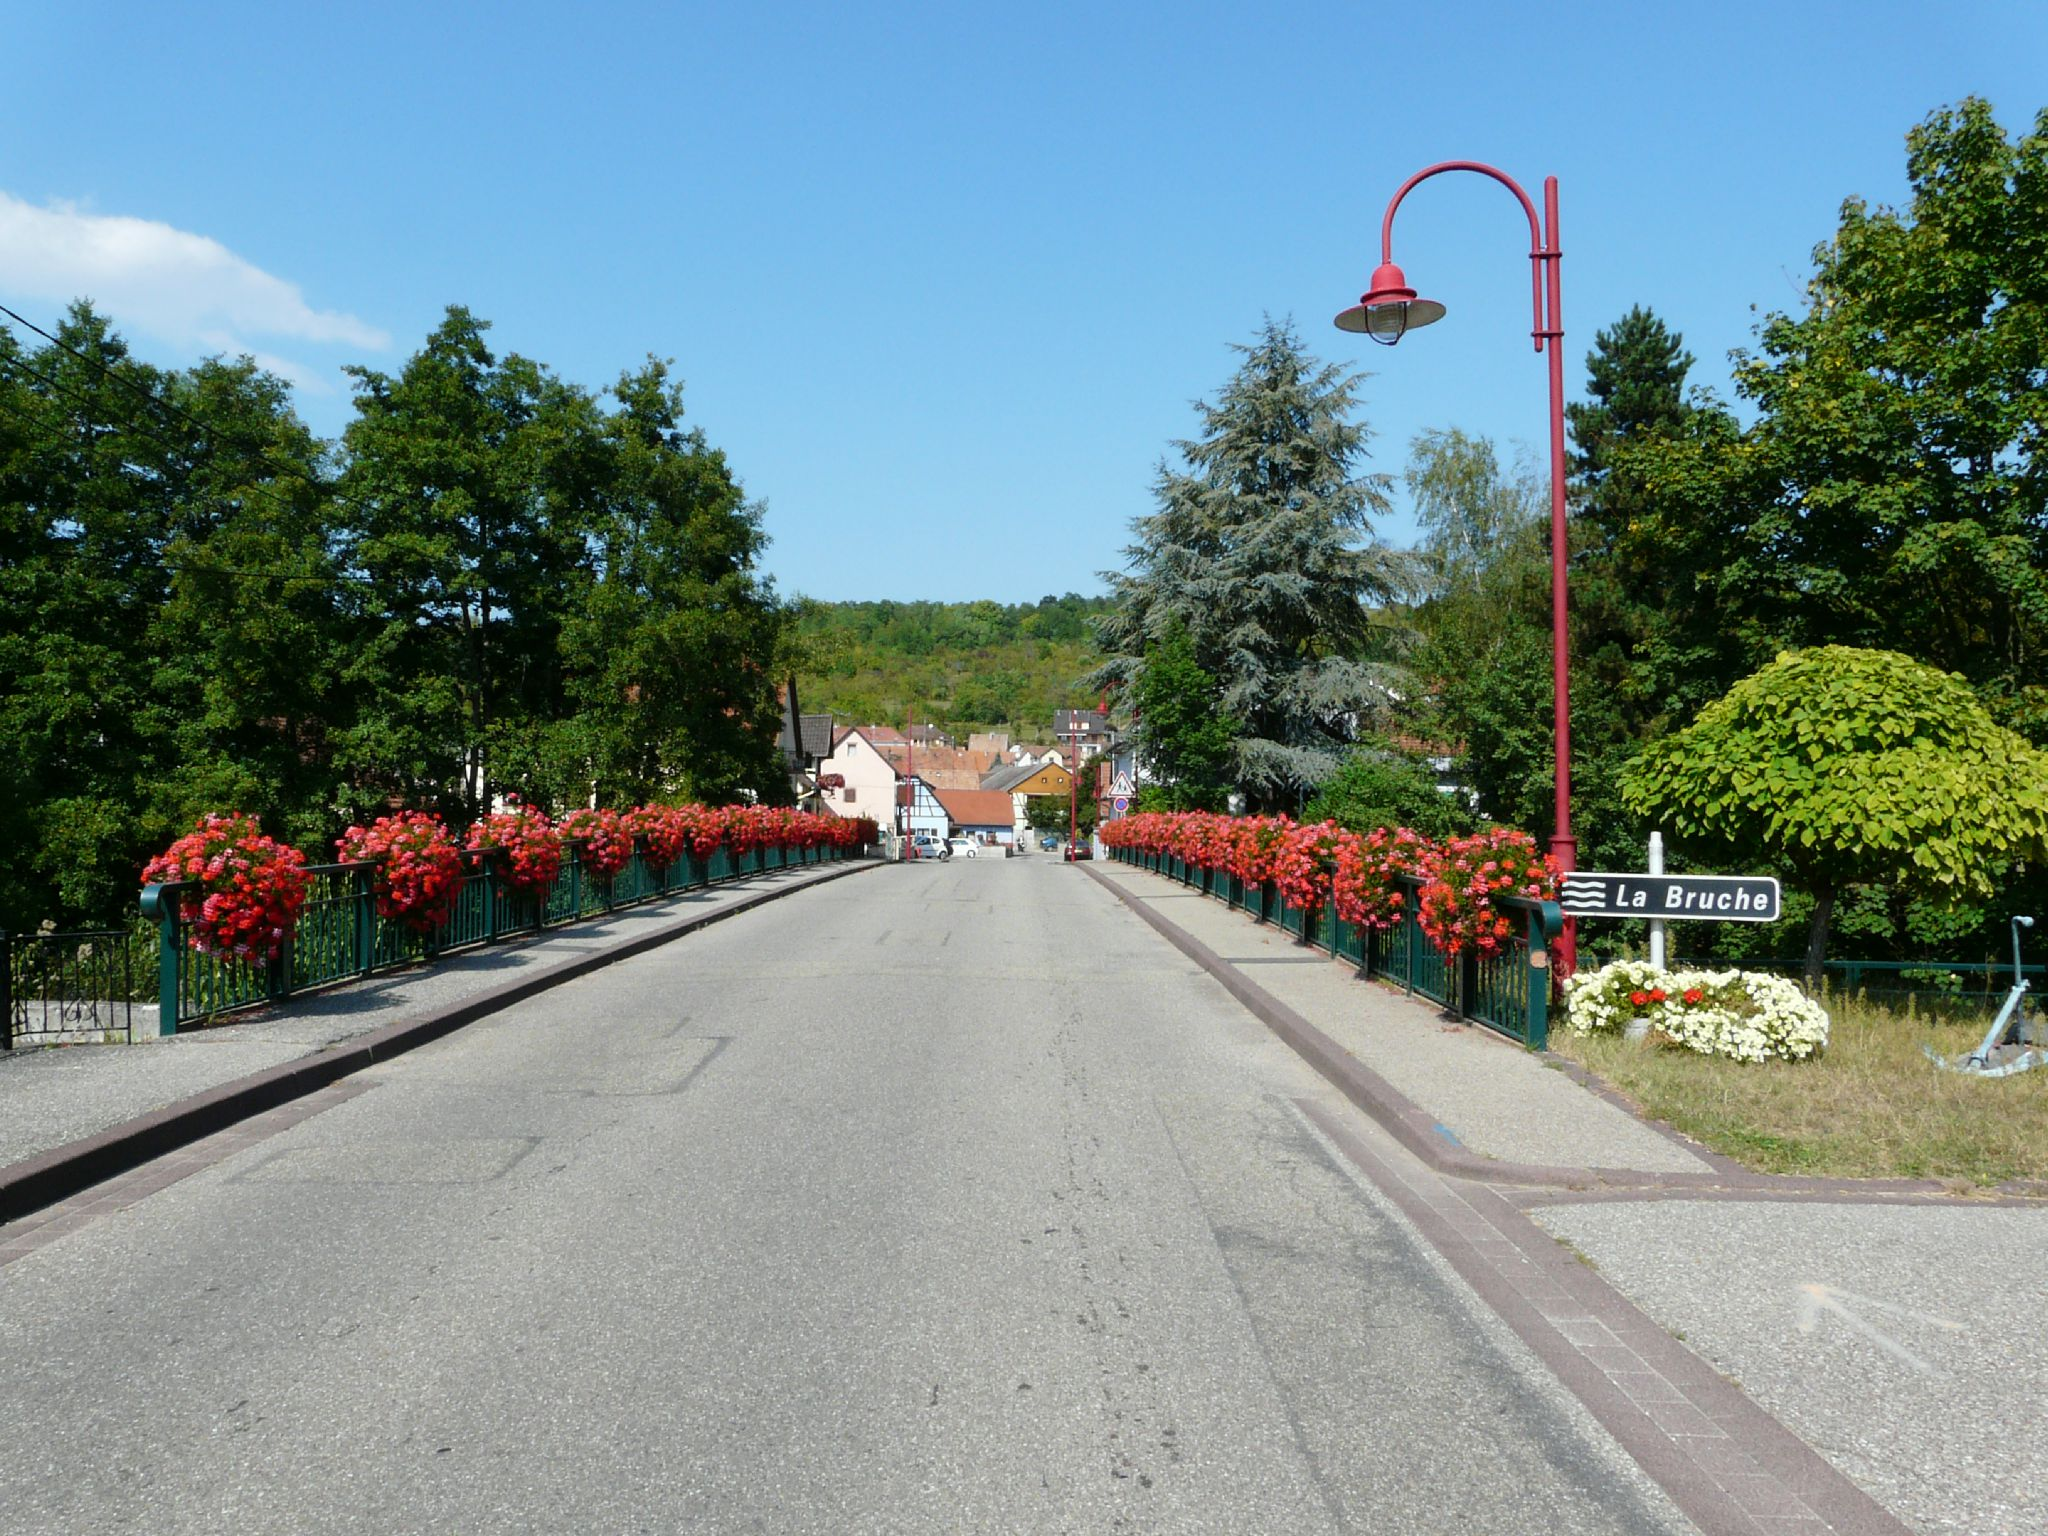 Dinsheim-sur-Bruche (6)